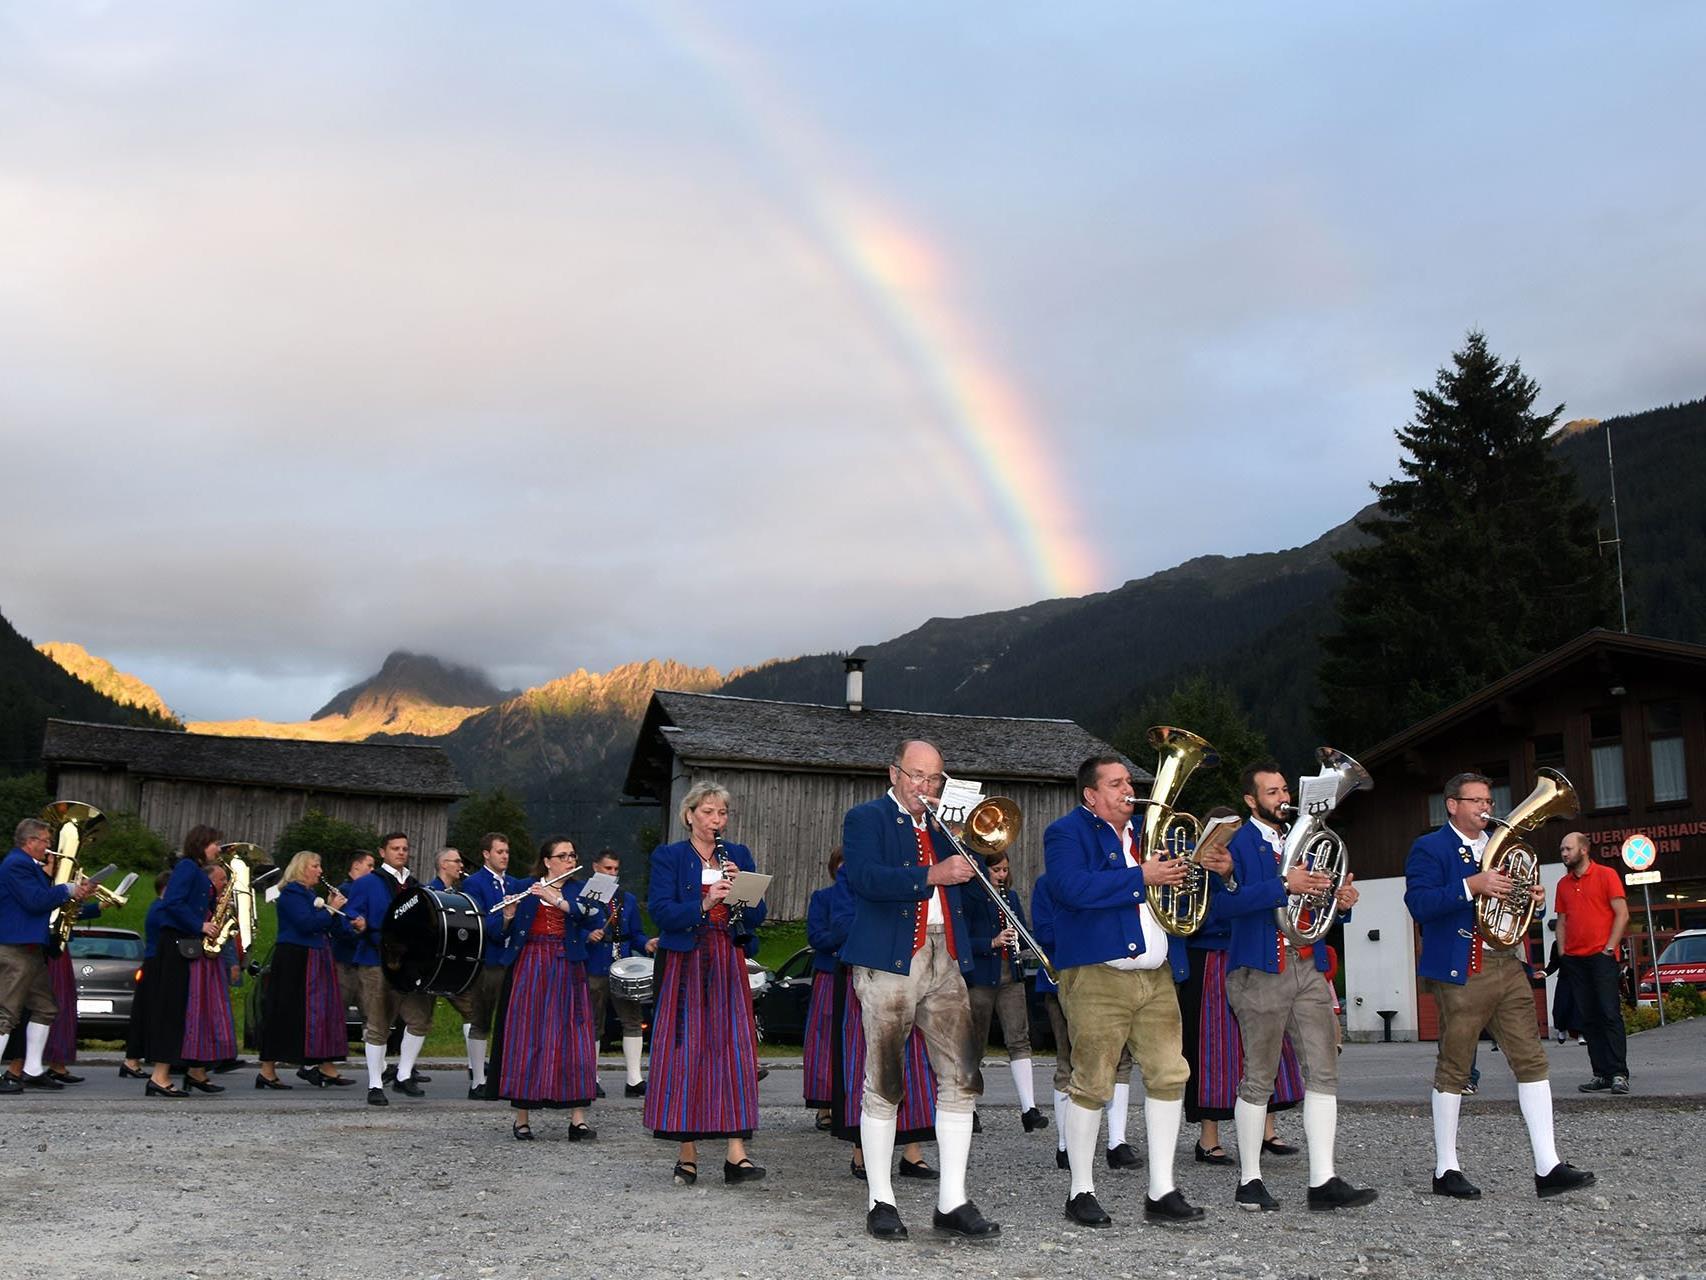 Mit klingendem Spiel marschierten die Musikvereine vom Schulplatz zum Festzelt in der Nähe des Feuerwehrhauses.